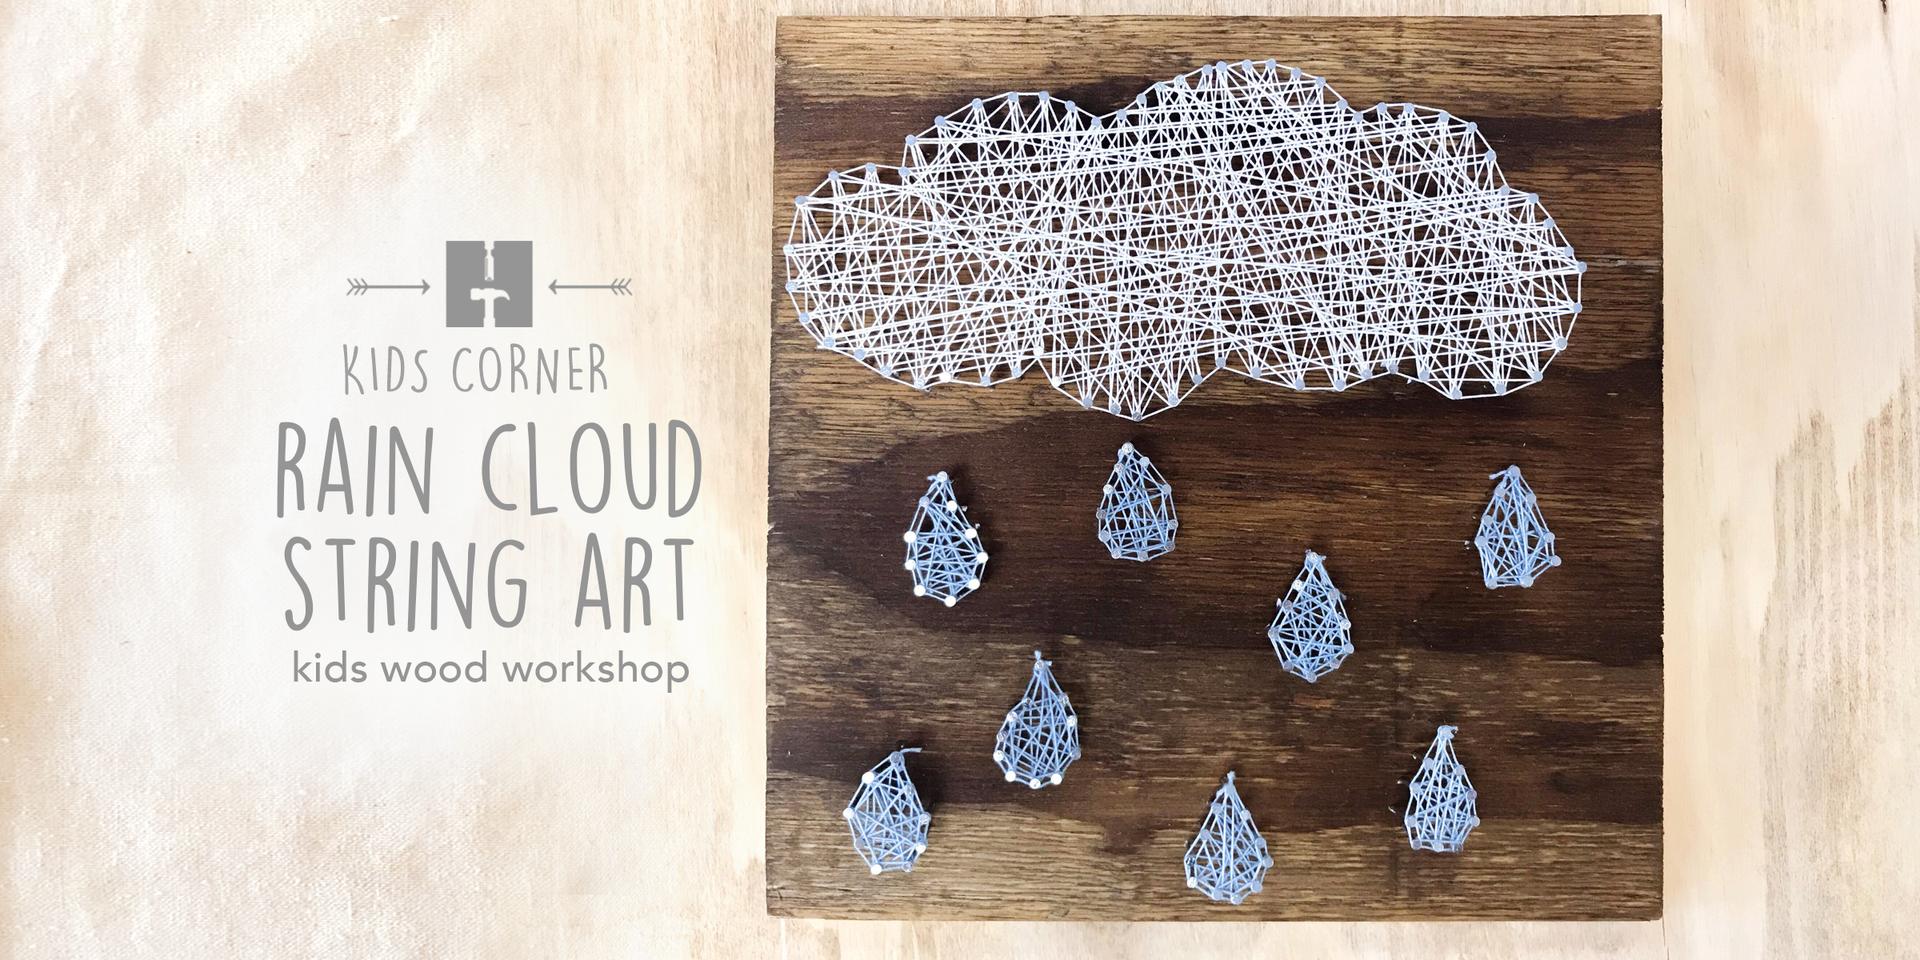 Rain Cloud String Art